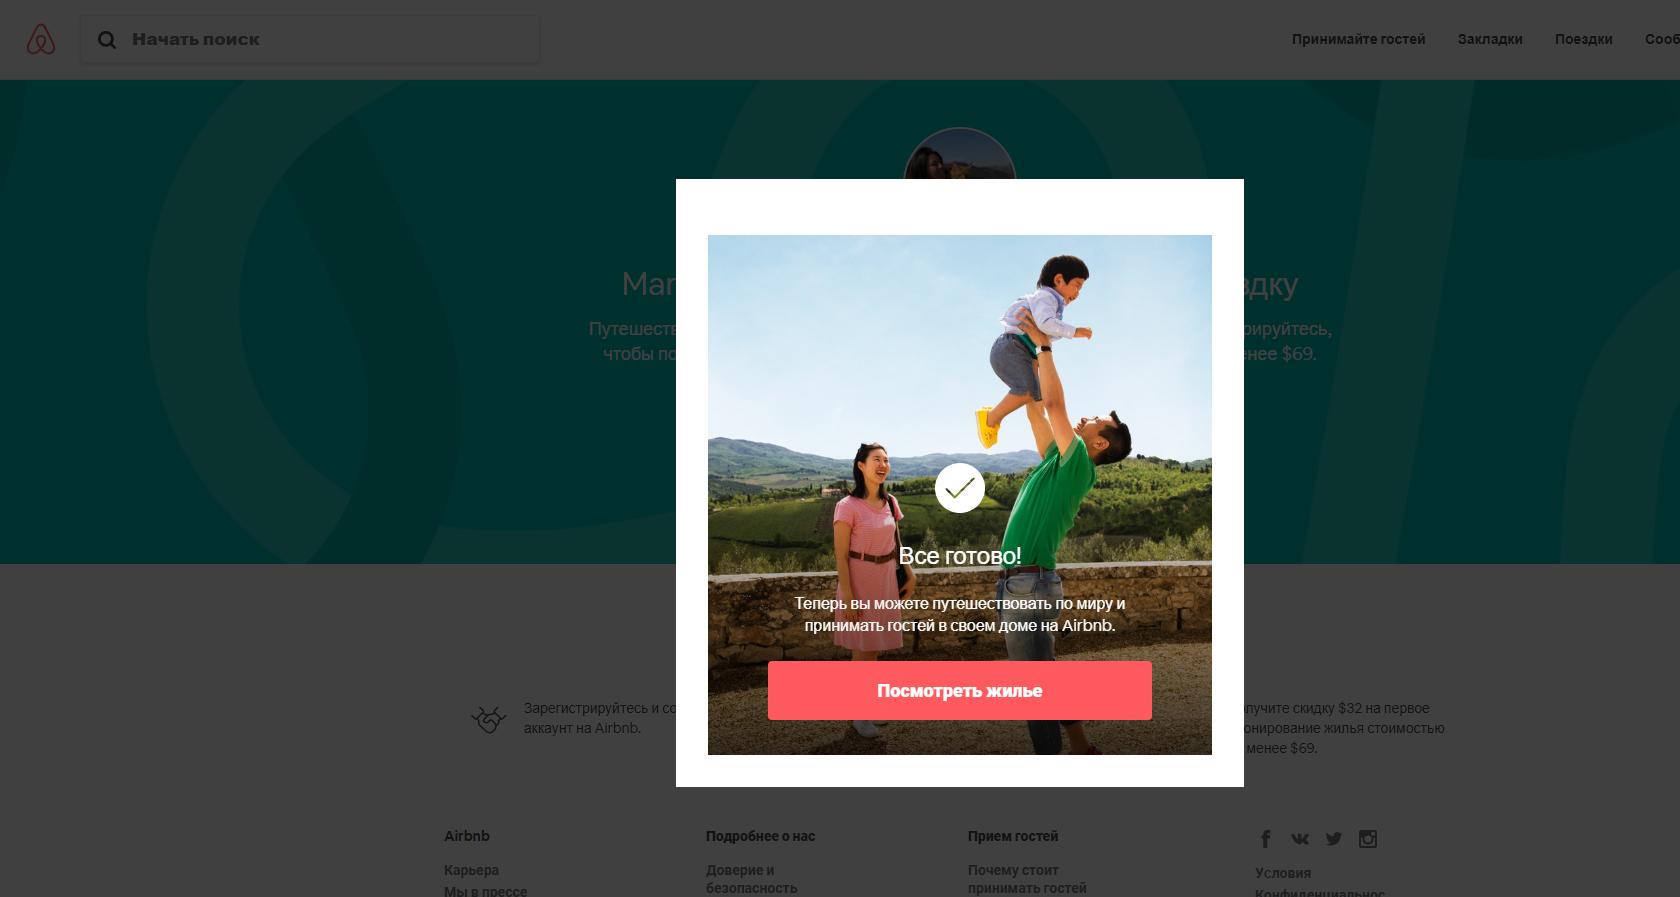 Как зарегистрироваться на airbnb и получить купон на скидку